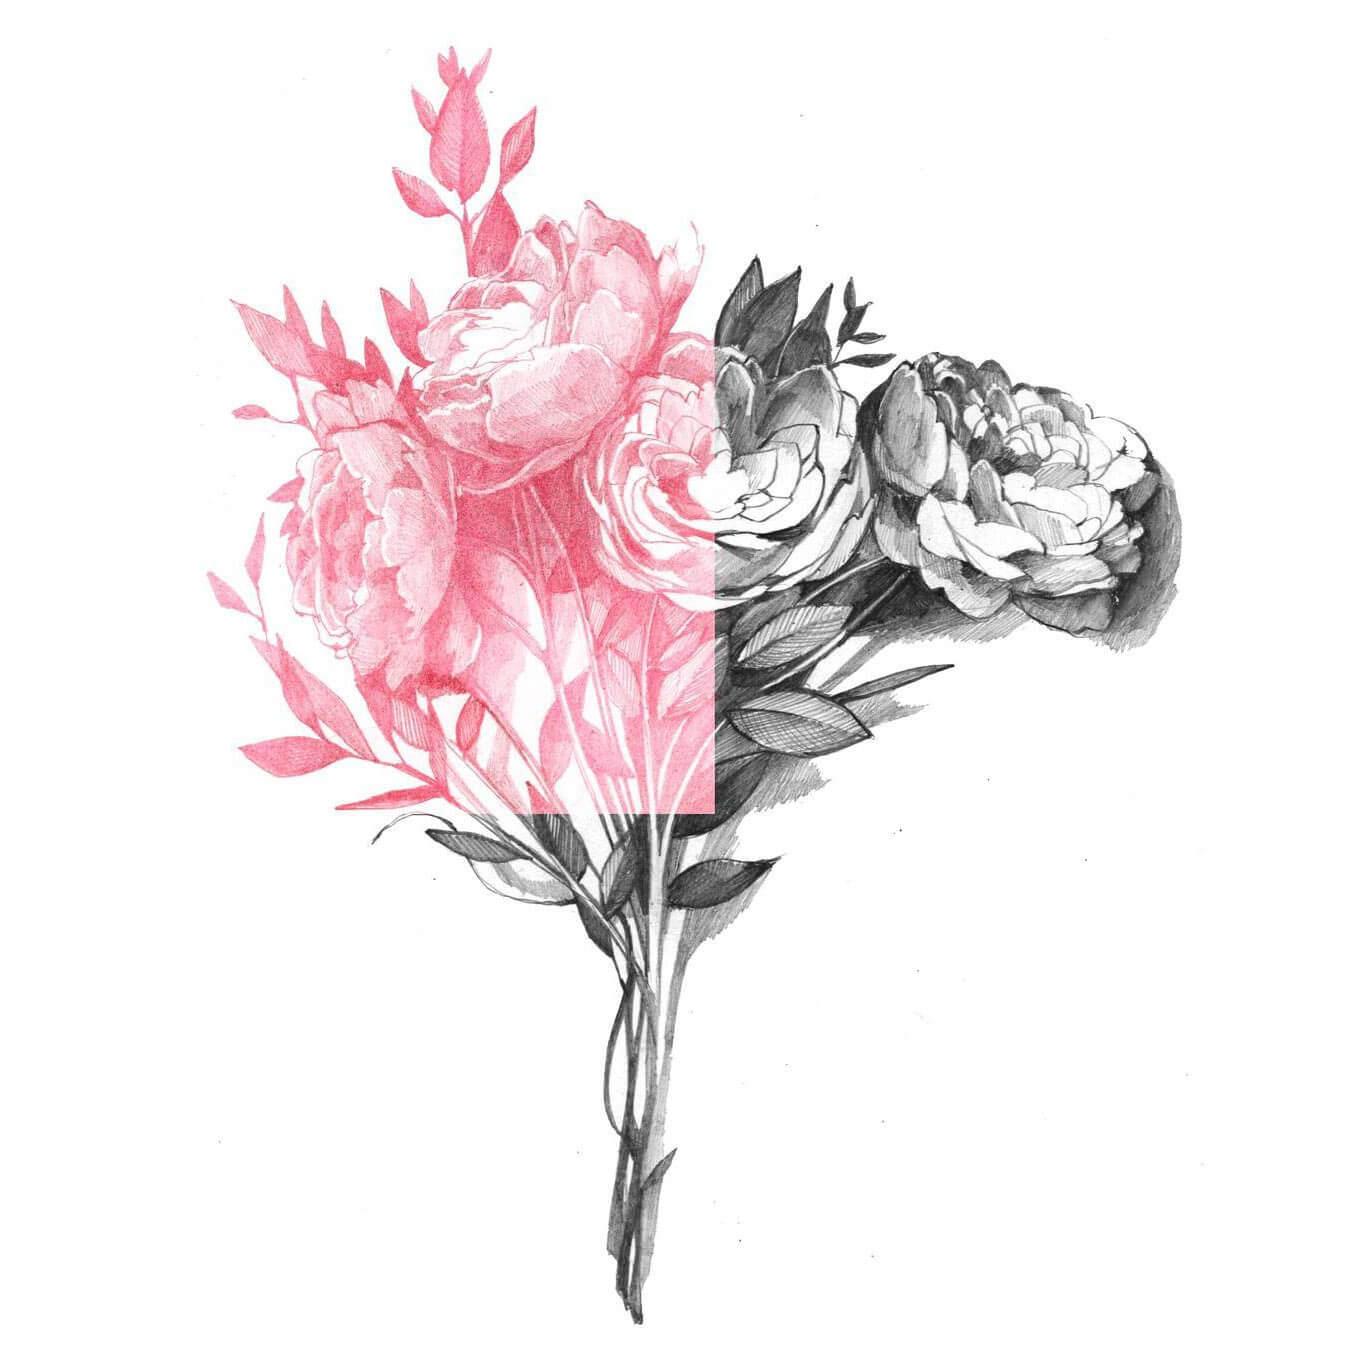 черно-белый букет цветов